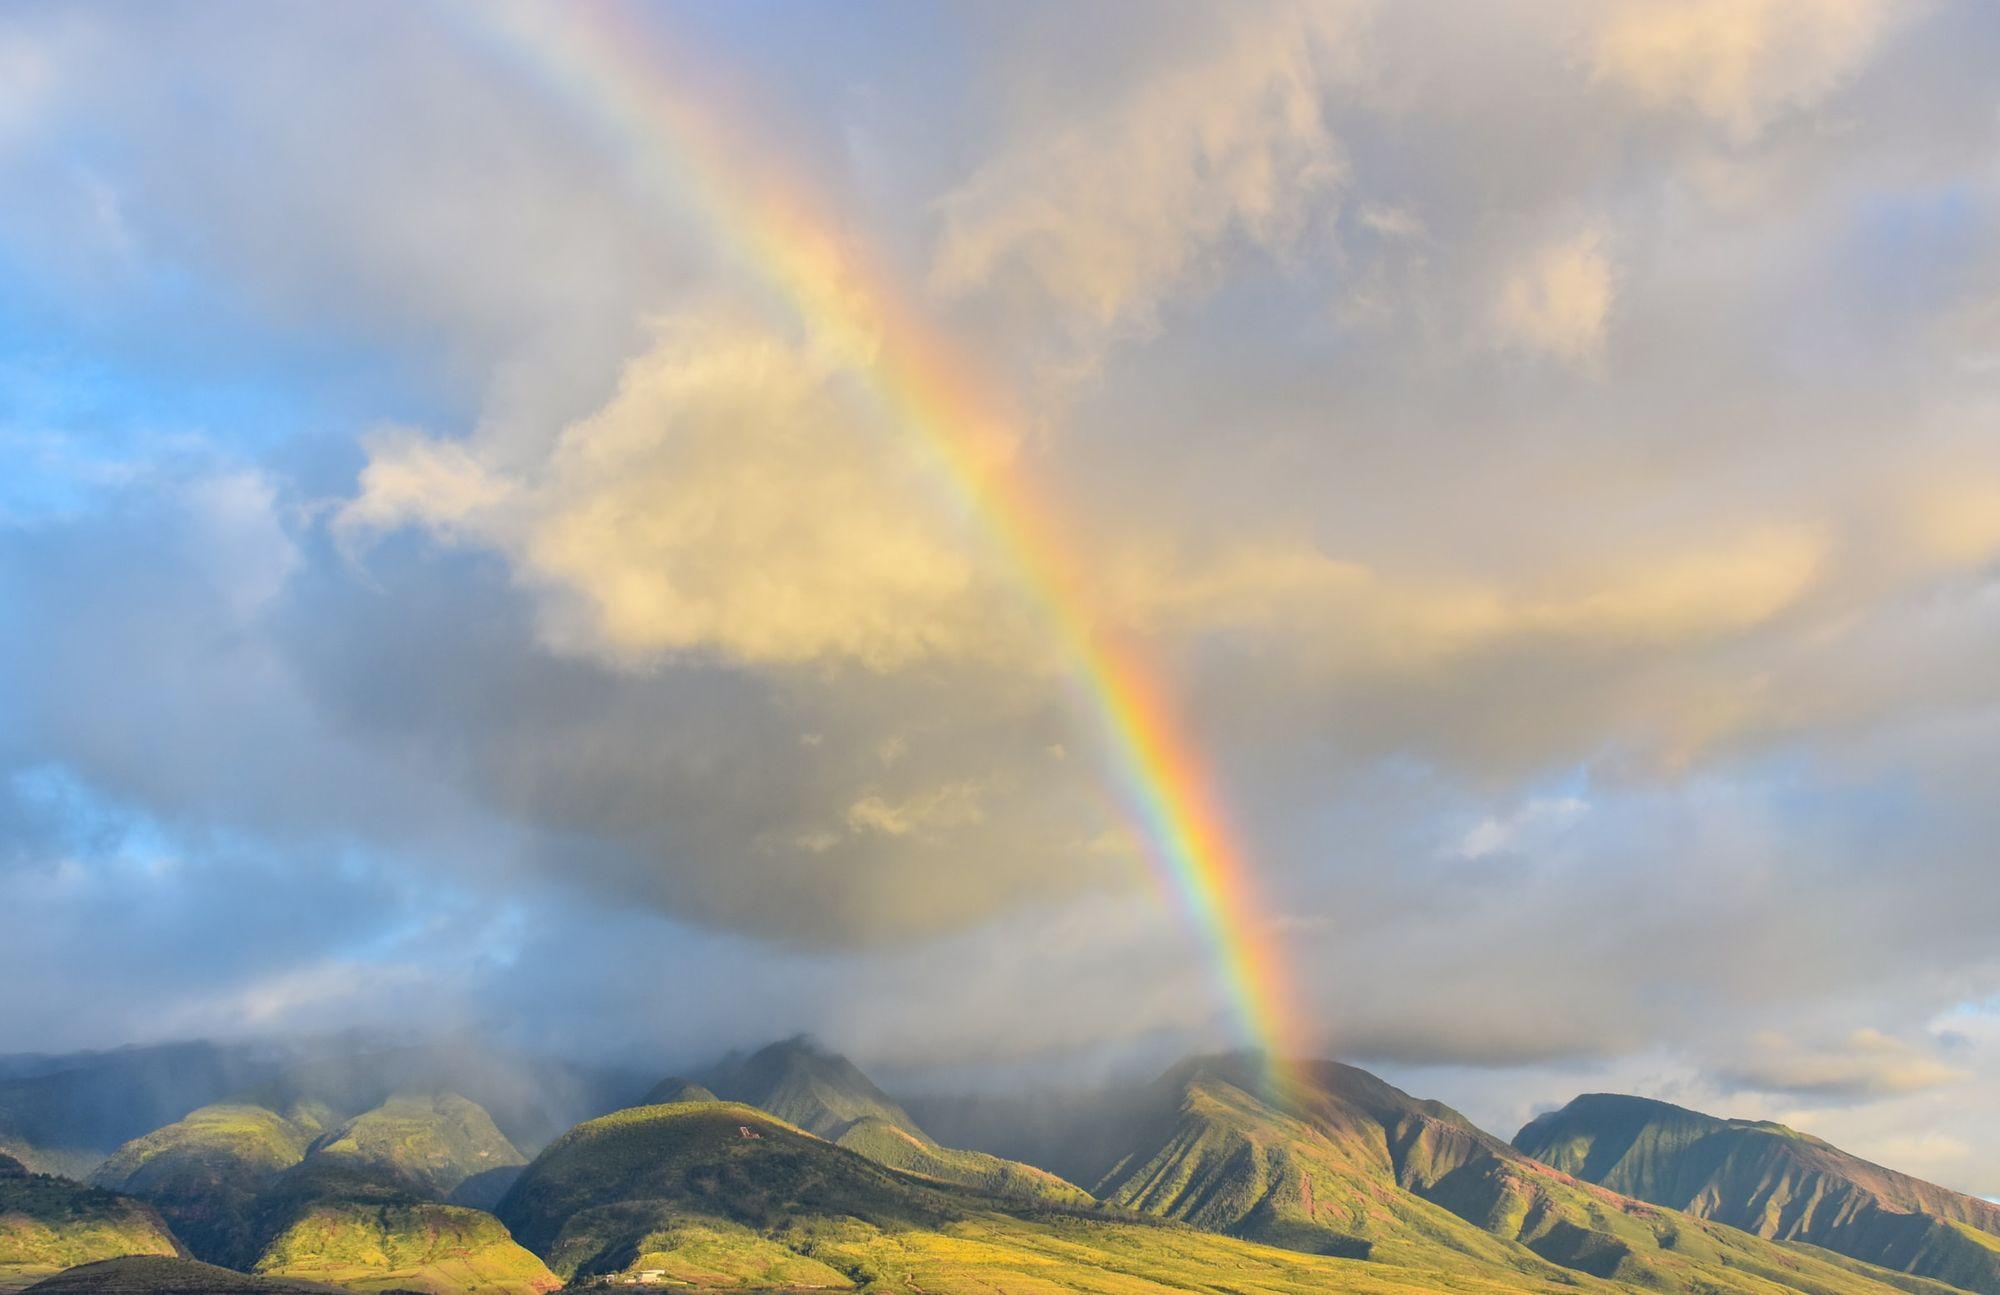 Hoeveel kleuren heeft een regenboog?